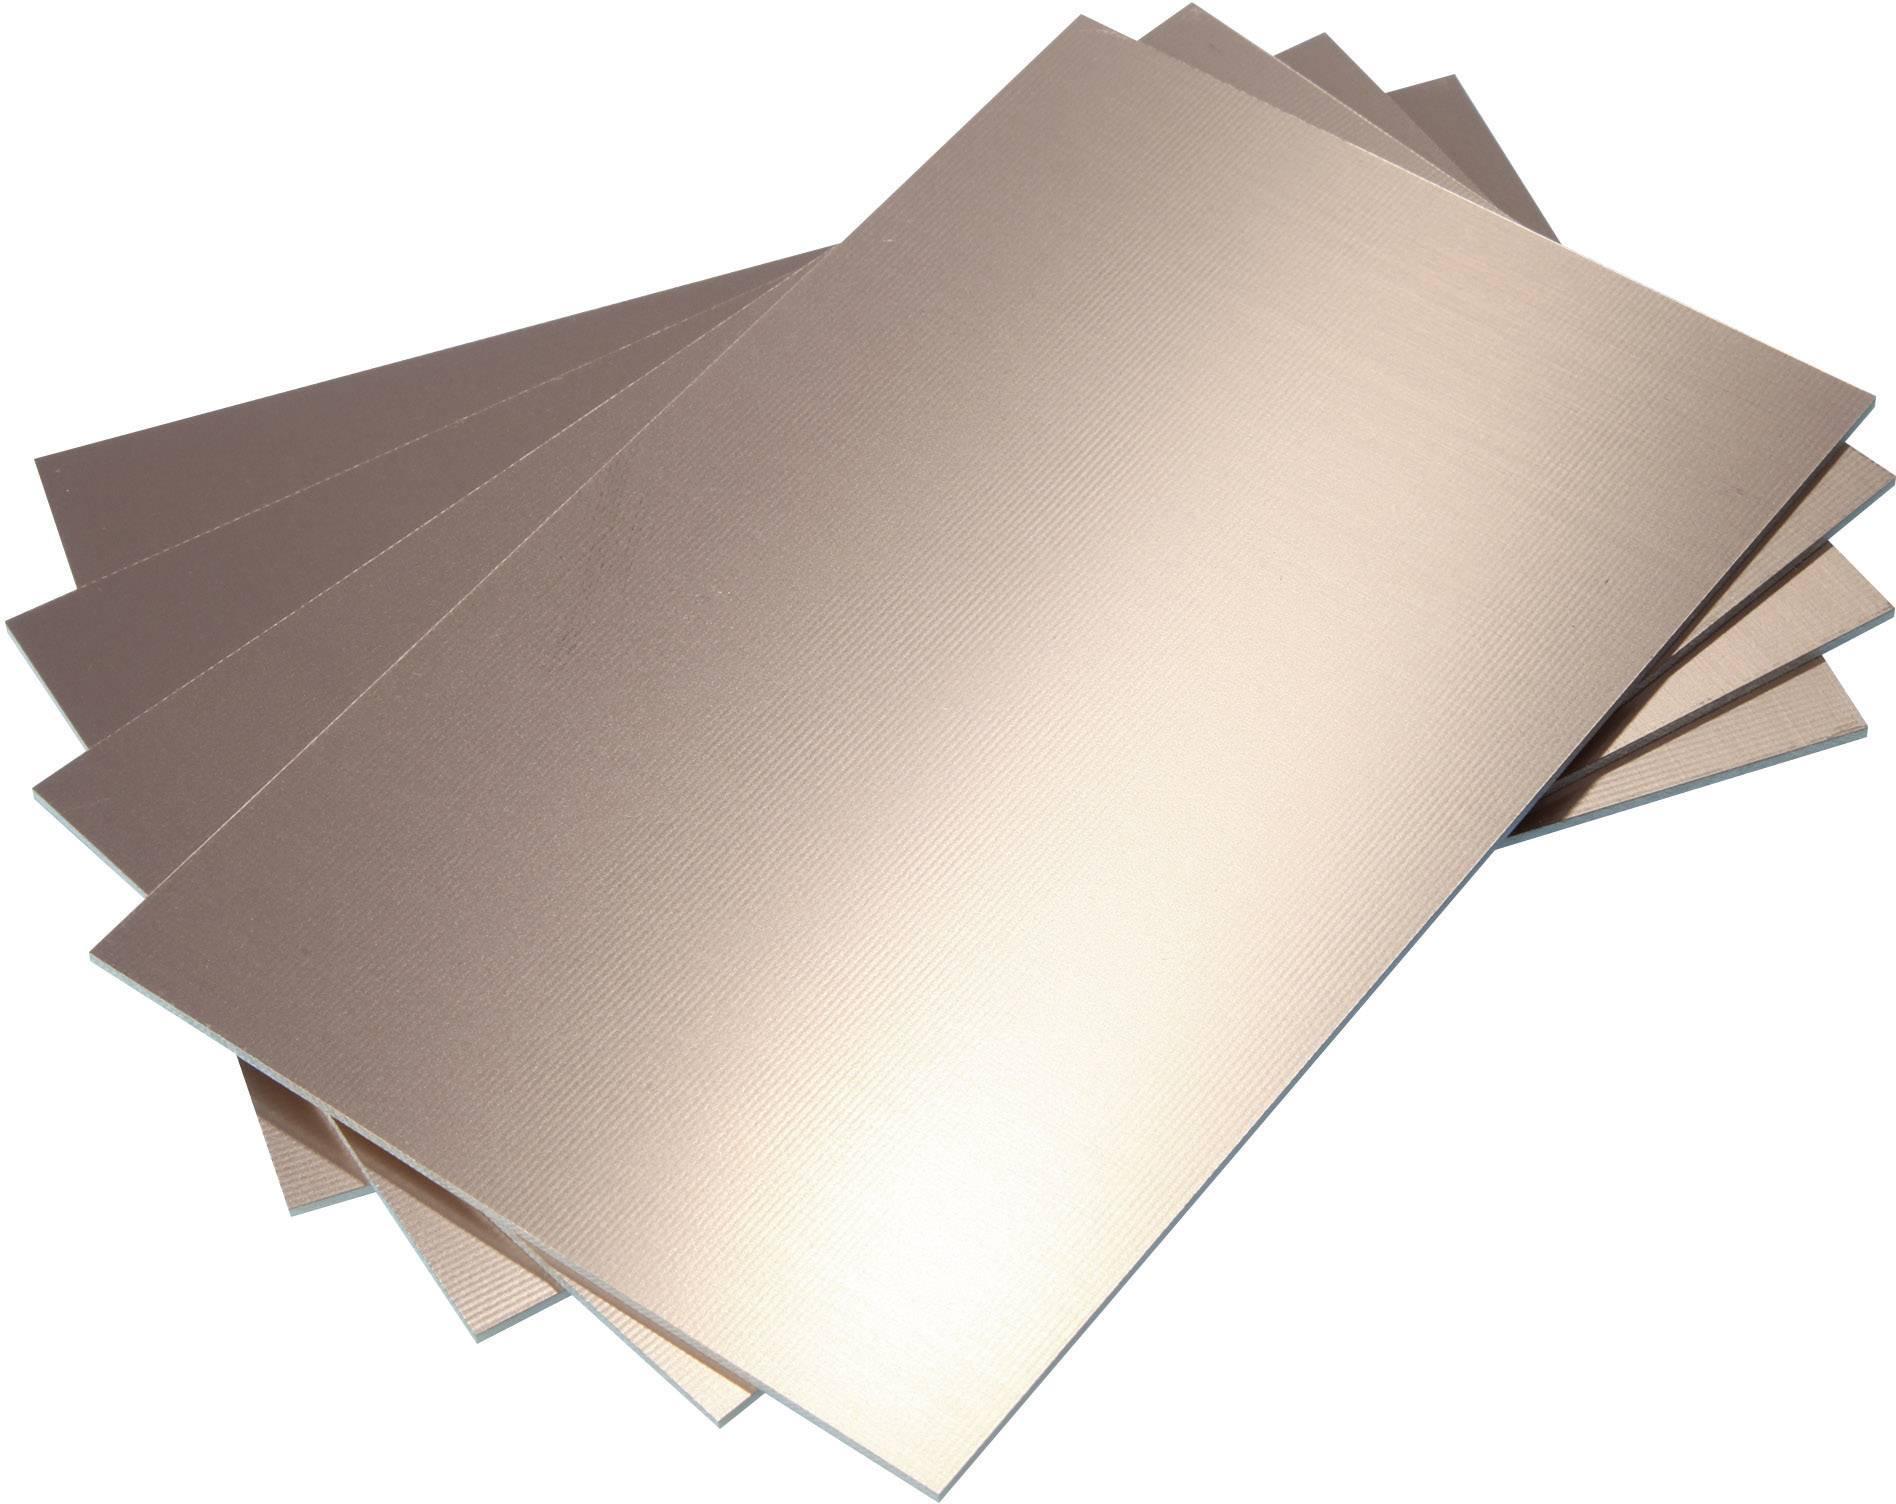 Epoxidová DPS Bungard 020306E38, 200 x 150 x 1,5 mm, jednostranná, epoxyd